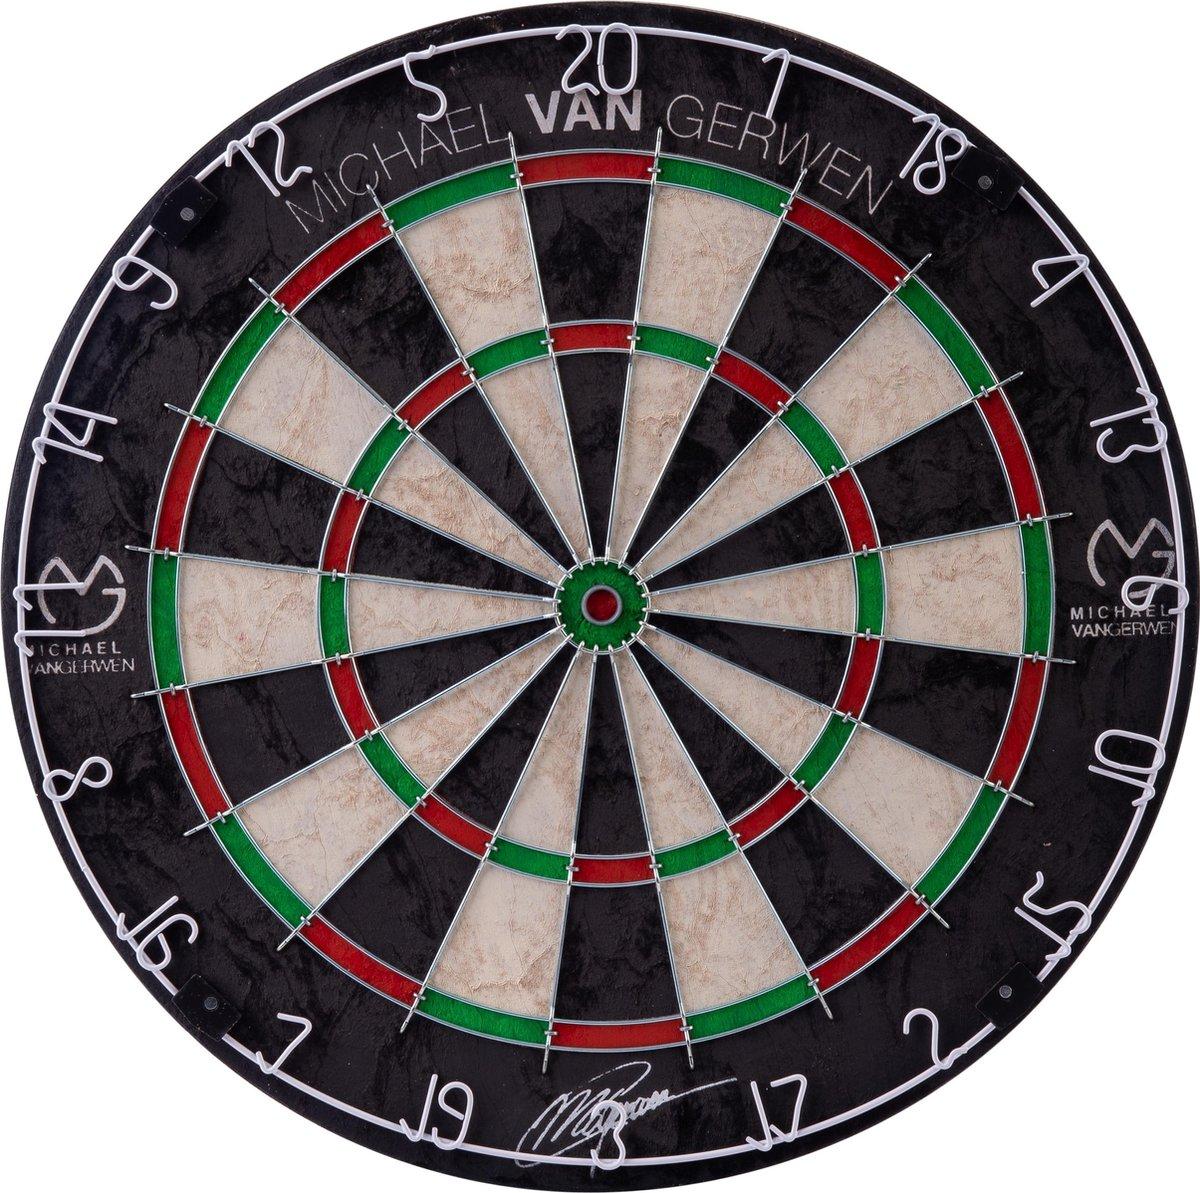 Xq Max Wedstrijd-dartbord Michael Van Gerwen 45 Cm